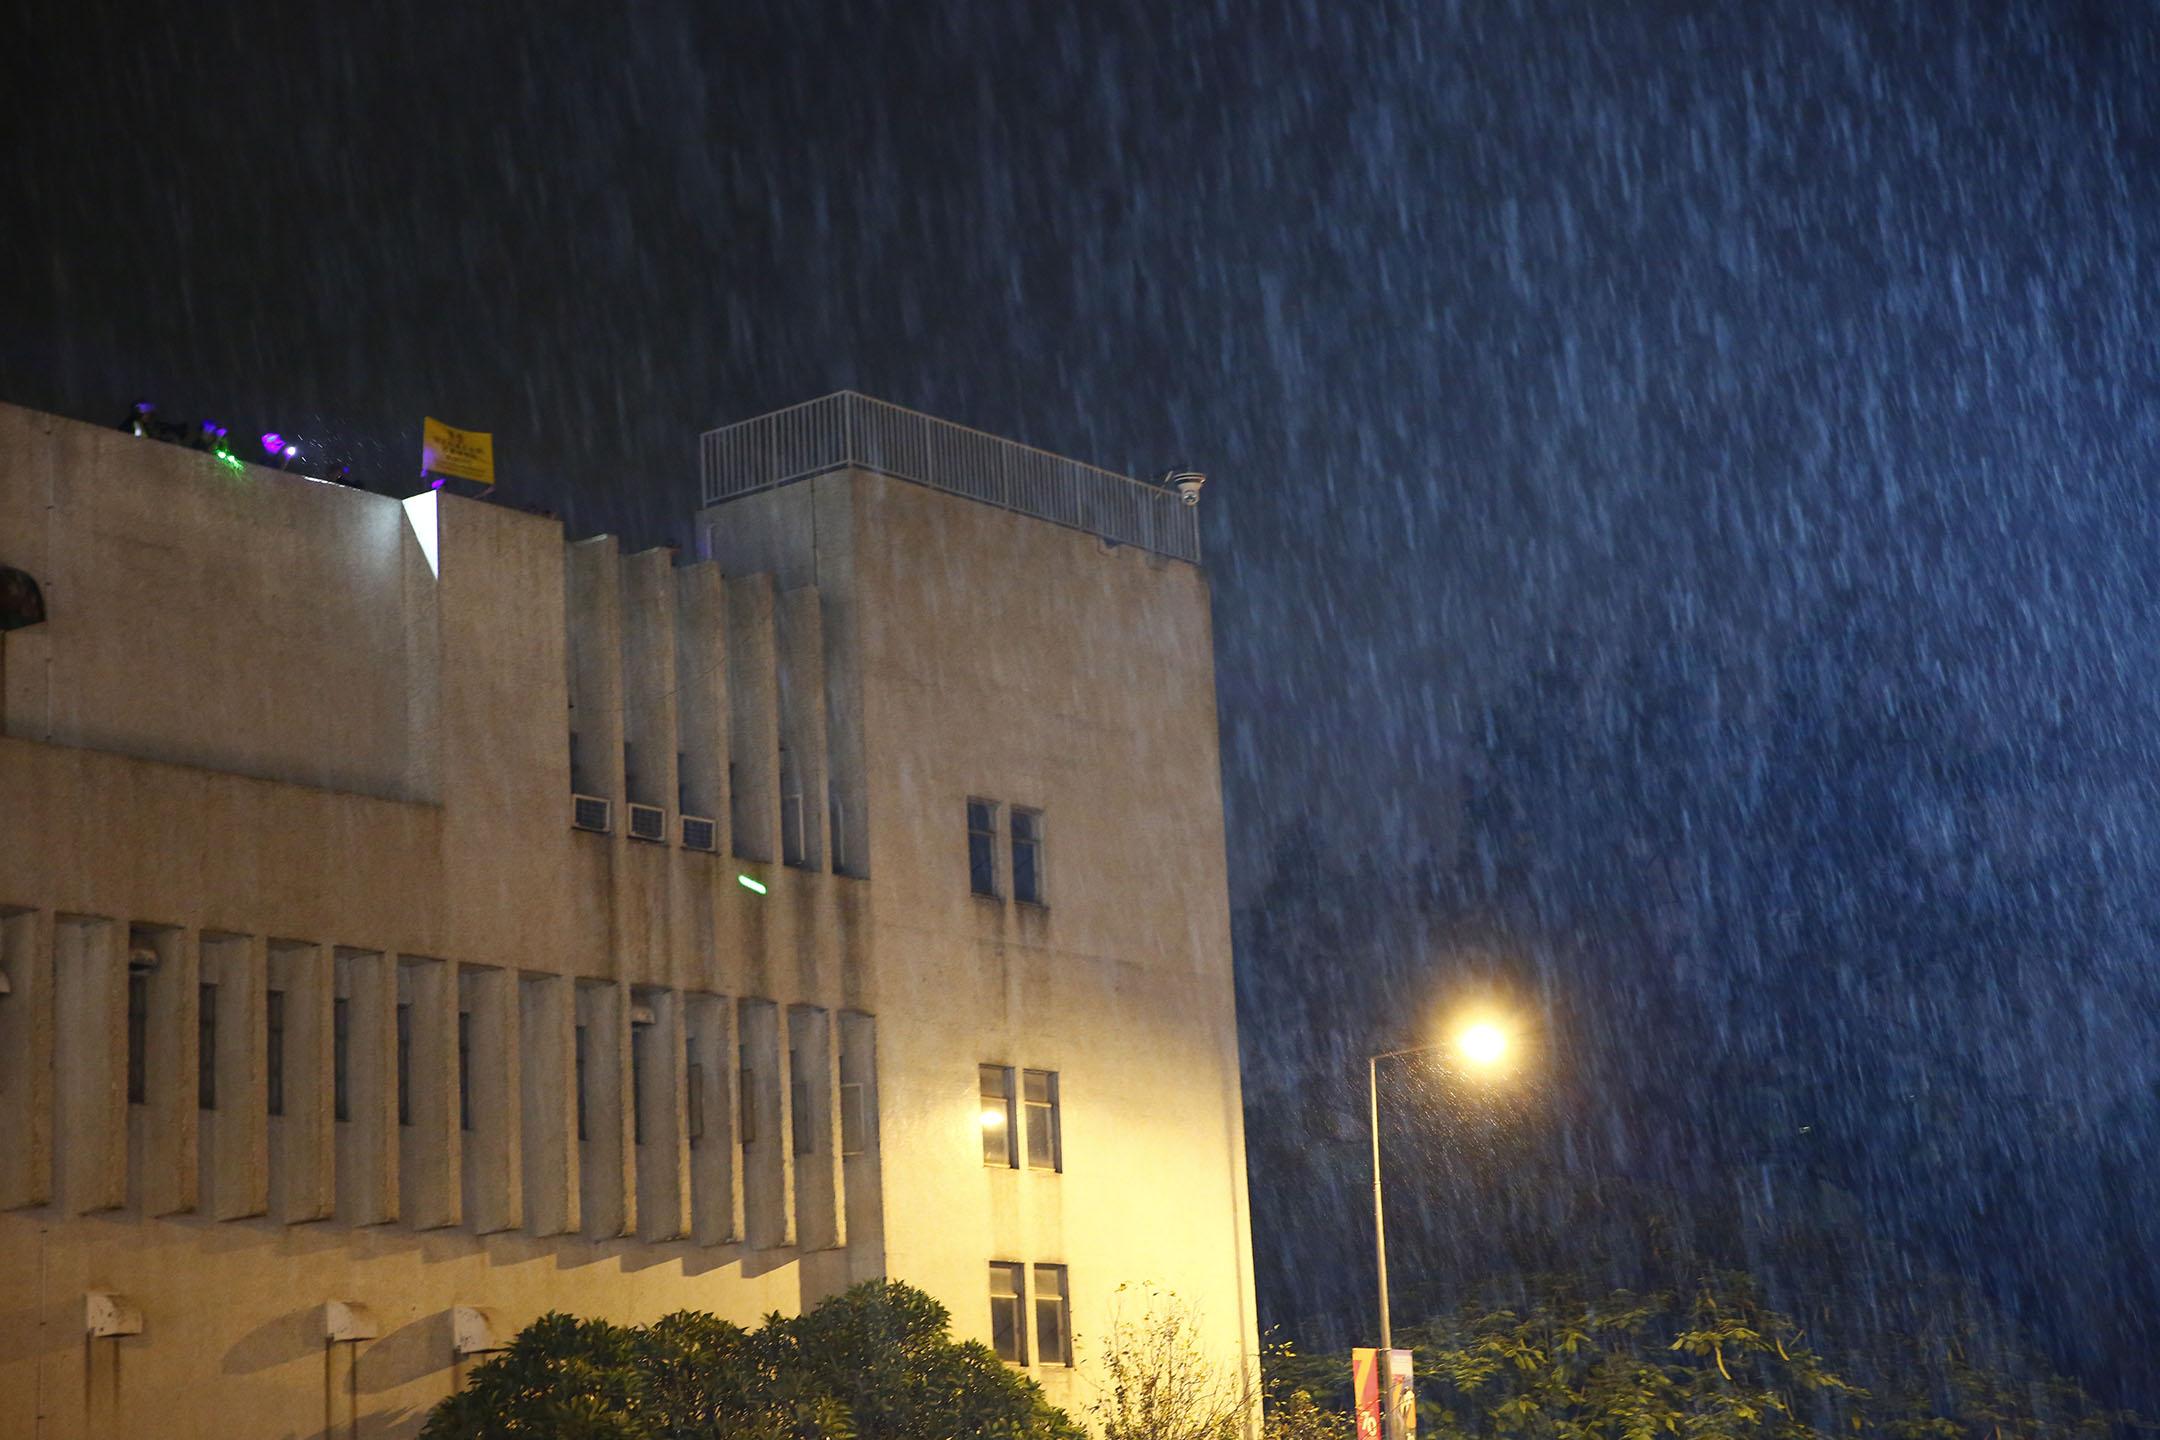 10月6日,晚上,九龍塘解放軍軍營內舉黃旗警告。